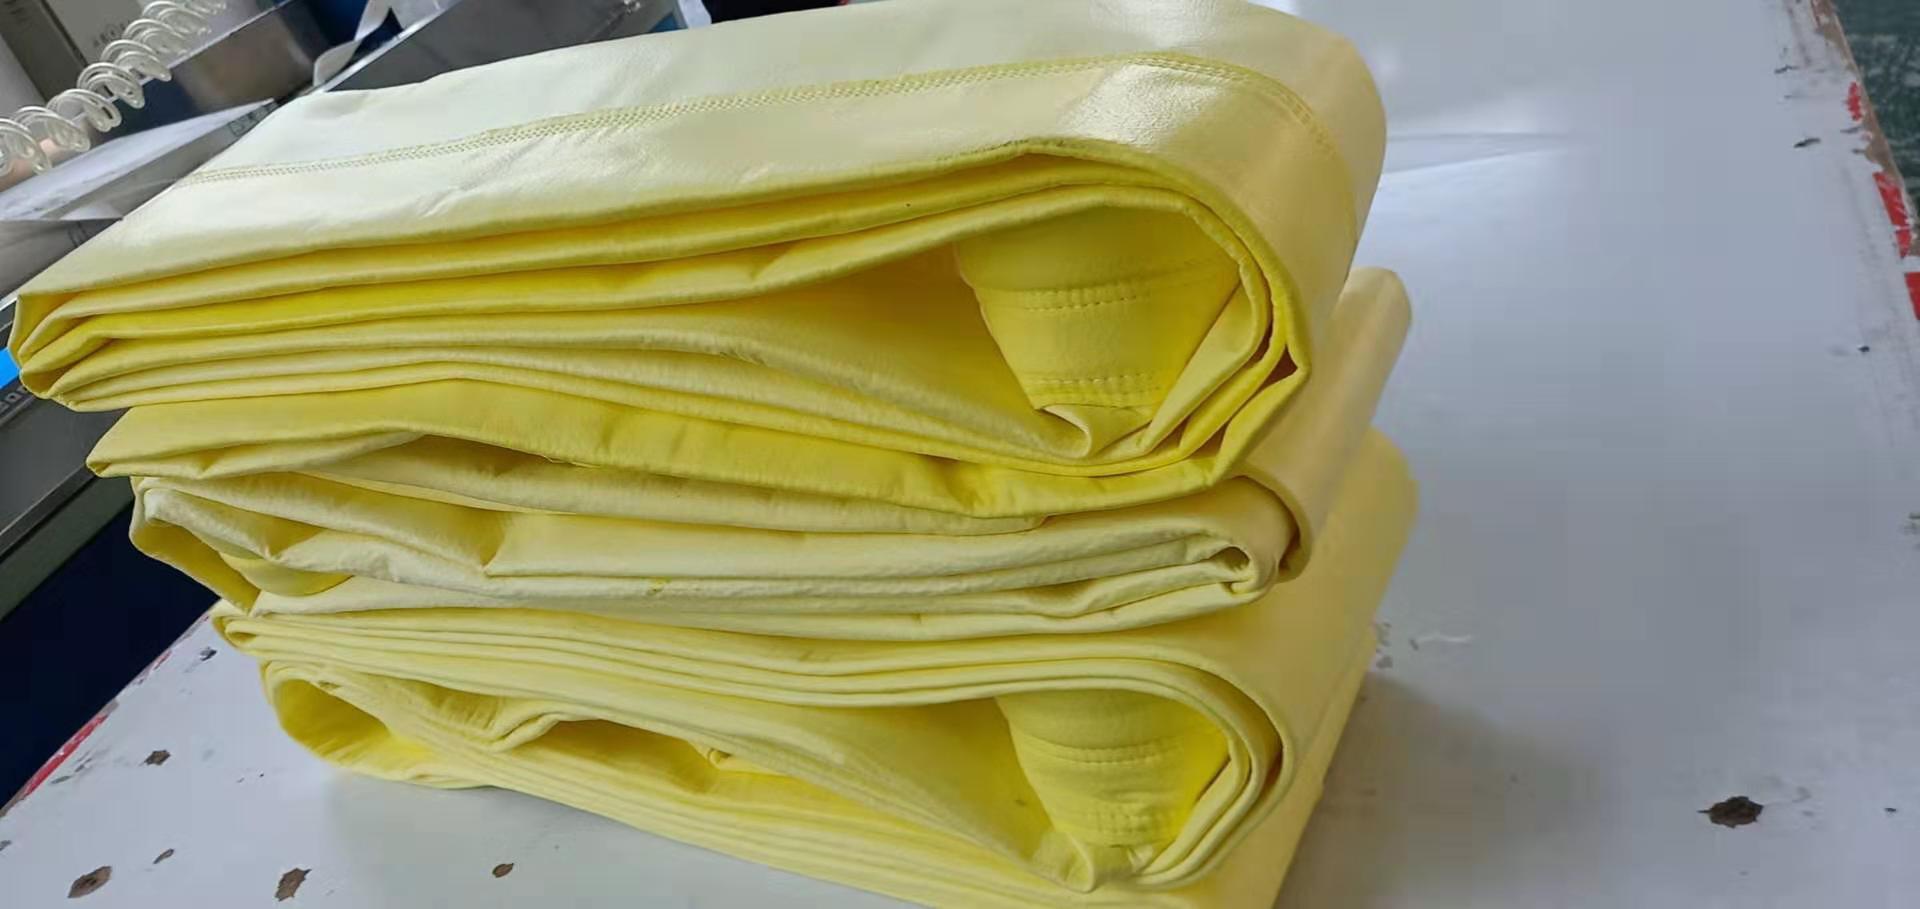 覆膜氟美斯濾袋出現磨損的處理方法